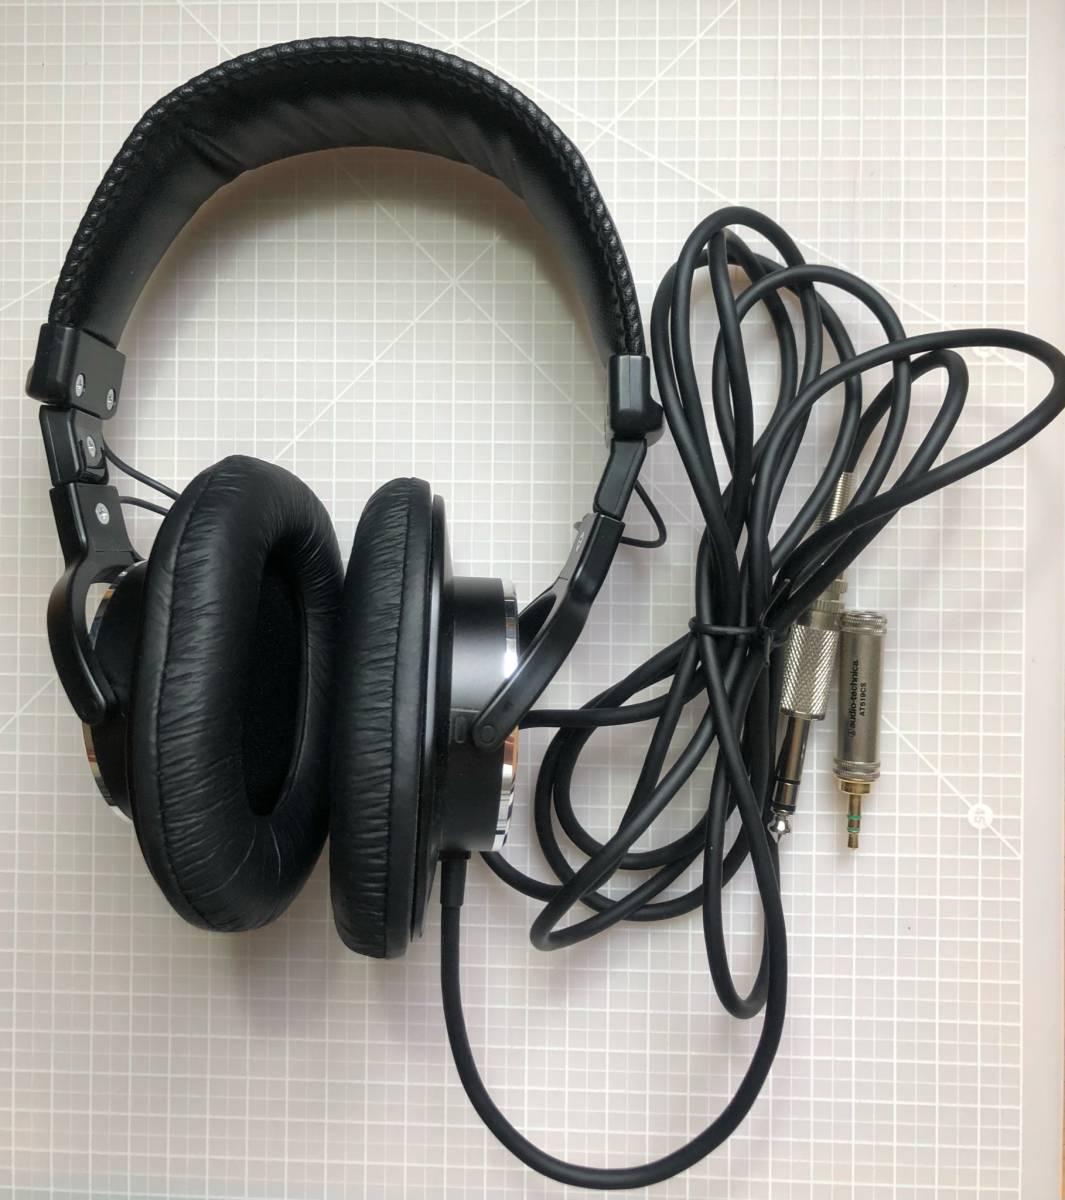 【美品・変換プラグおまけ付】SONY(ソニー)MDR-CD900ST スタジオモニター用 ヘッドホン_画像2